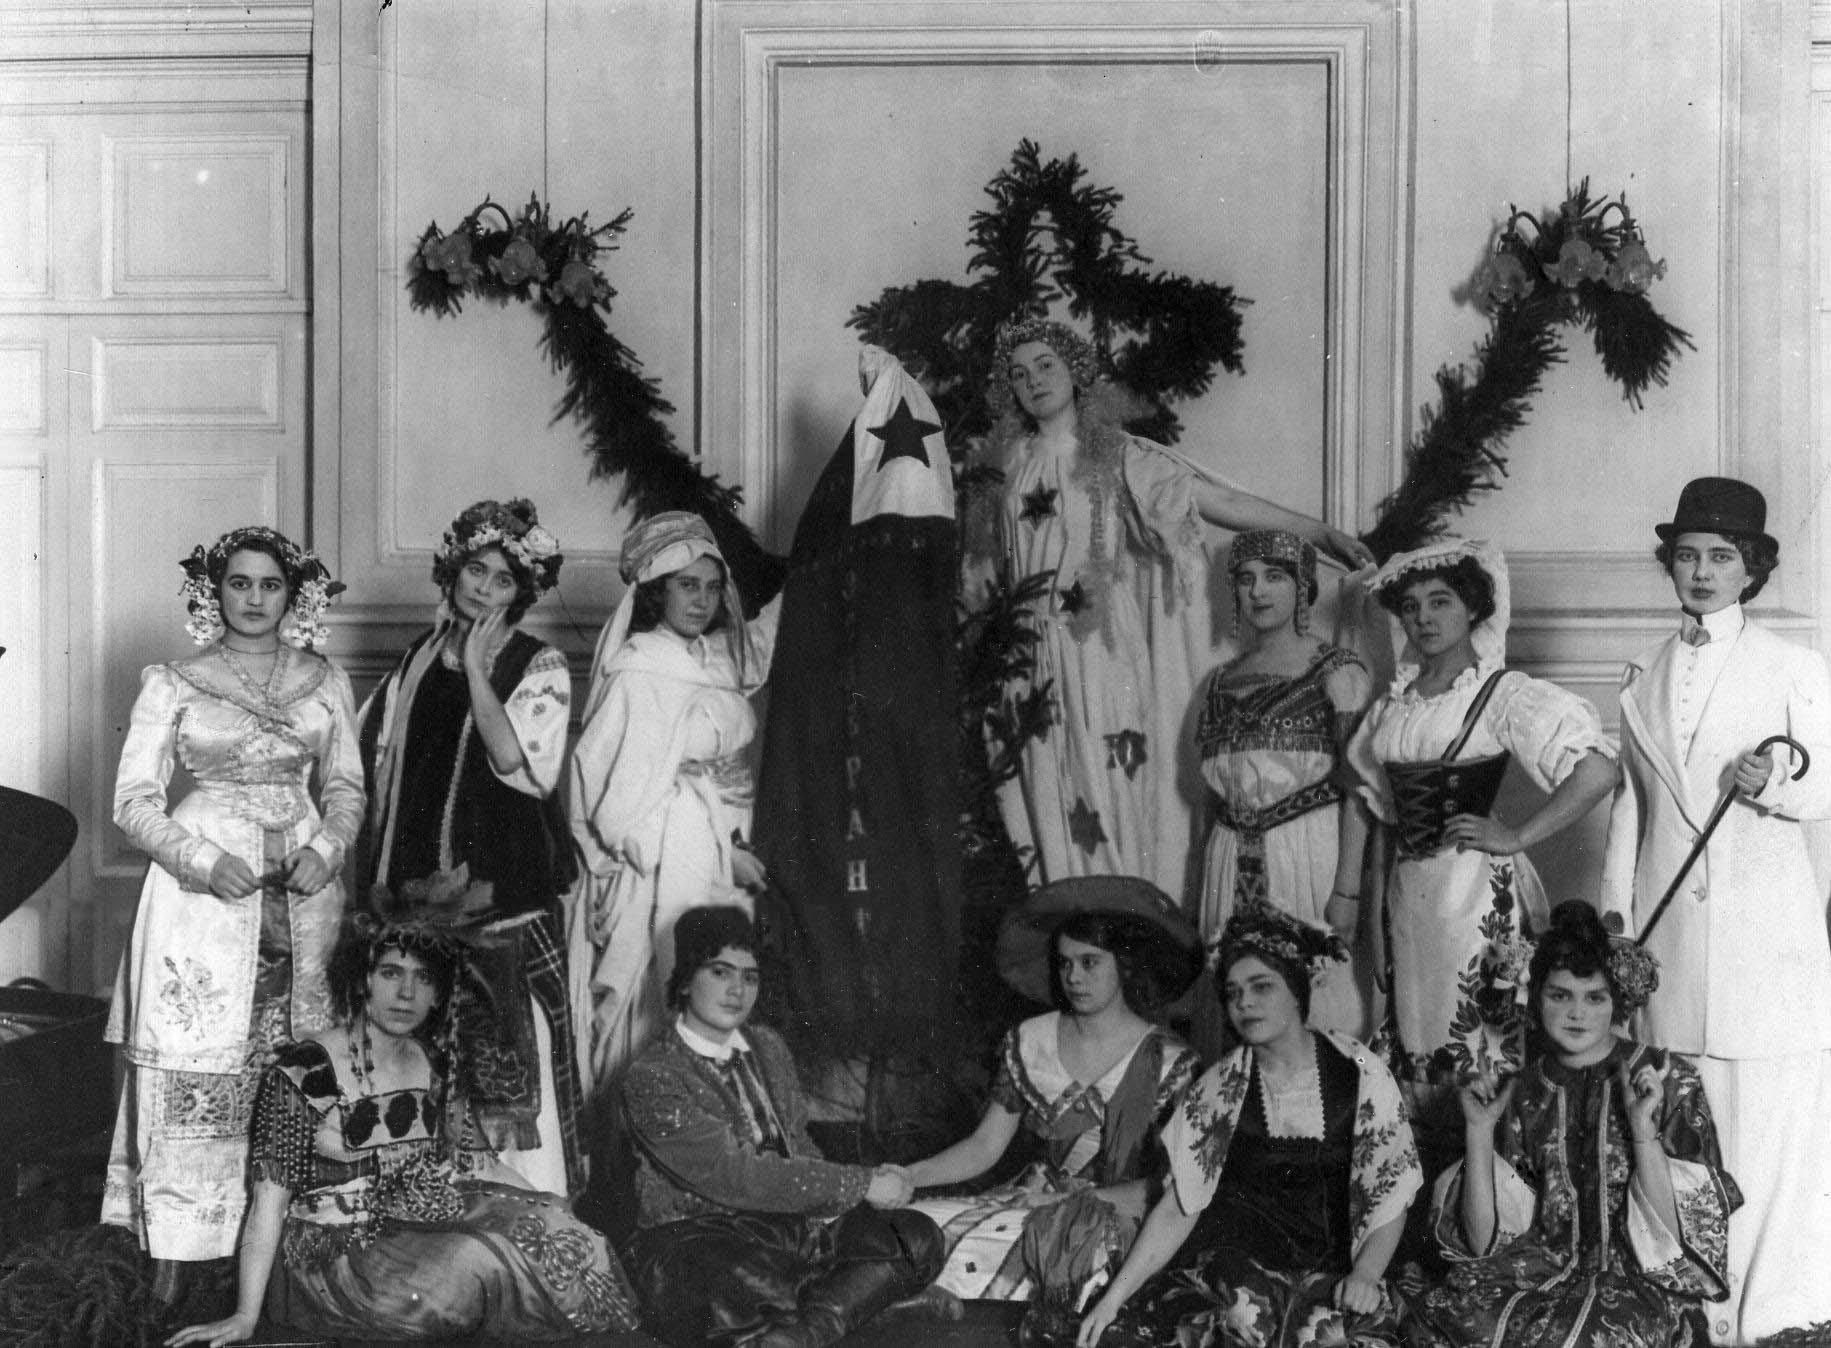 13. Группа членов кружка эсперантистов в маскарадных костюмах